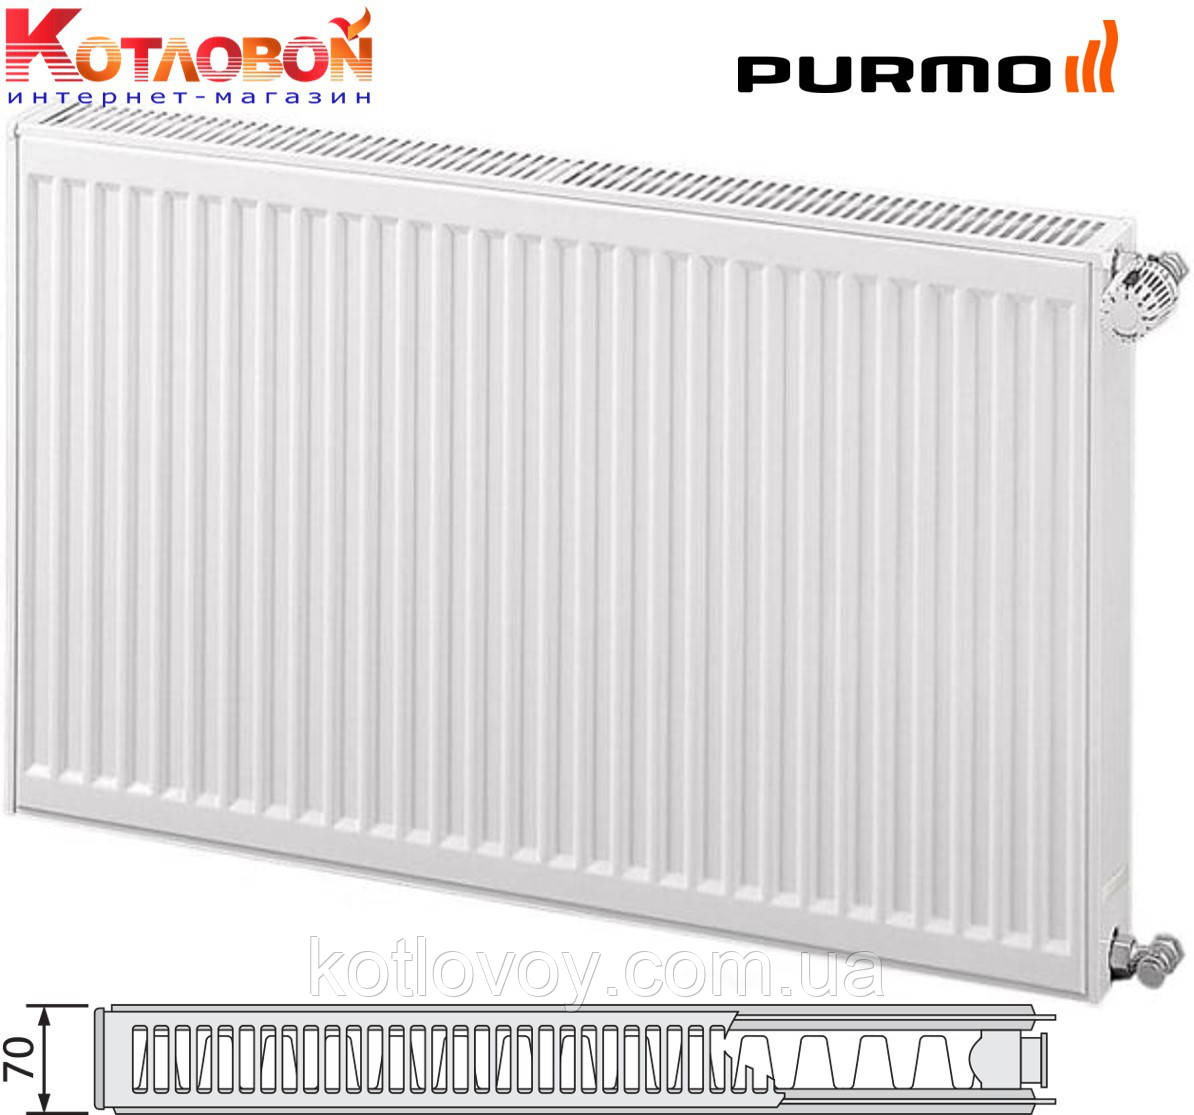 Стальные радиаторы PURMO Compact (Пурмо Компакт) 21 тип (С21S), боковое подключение, 600х2600